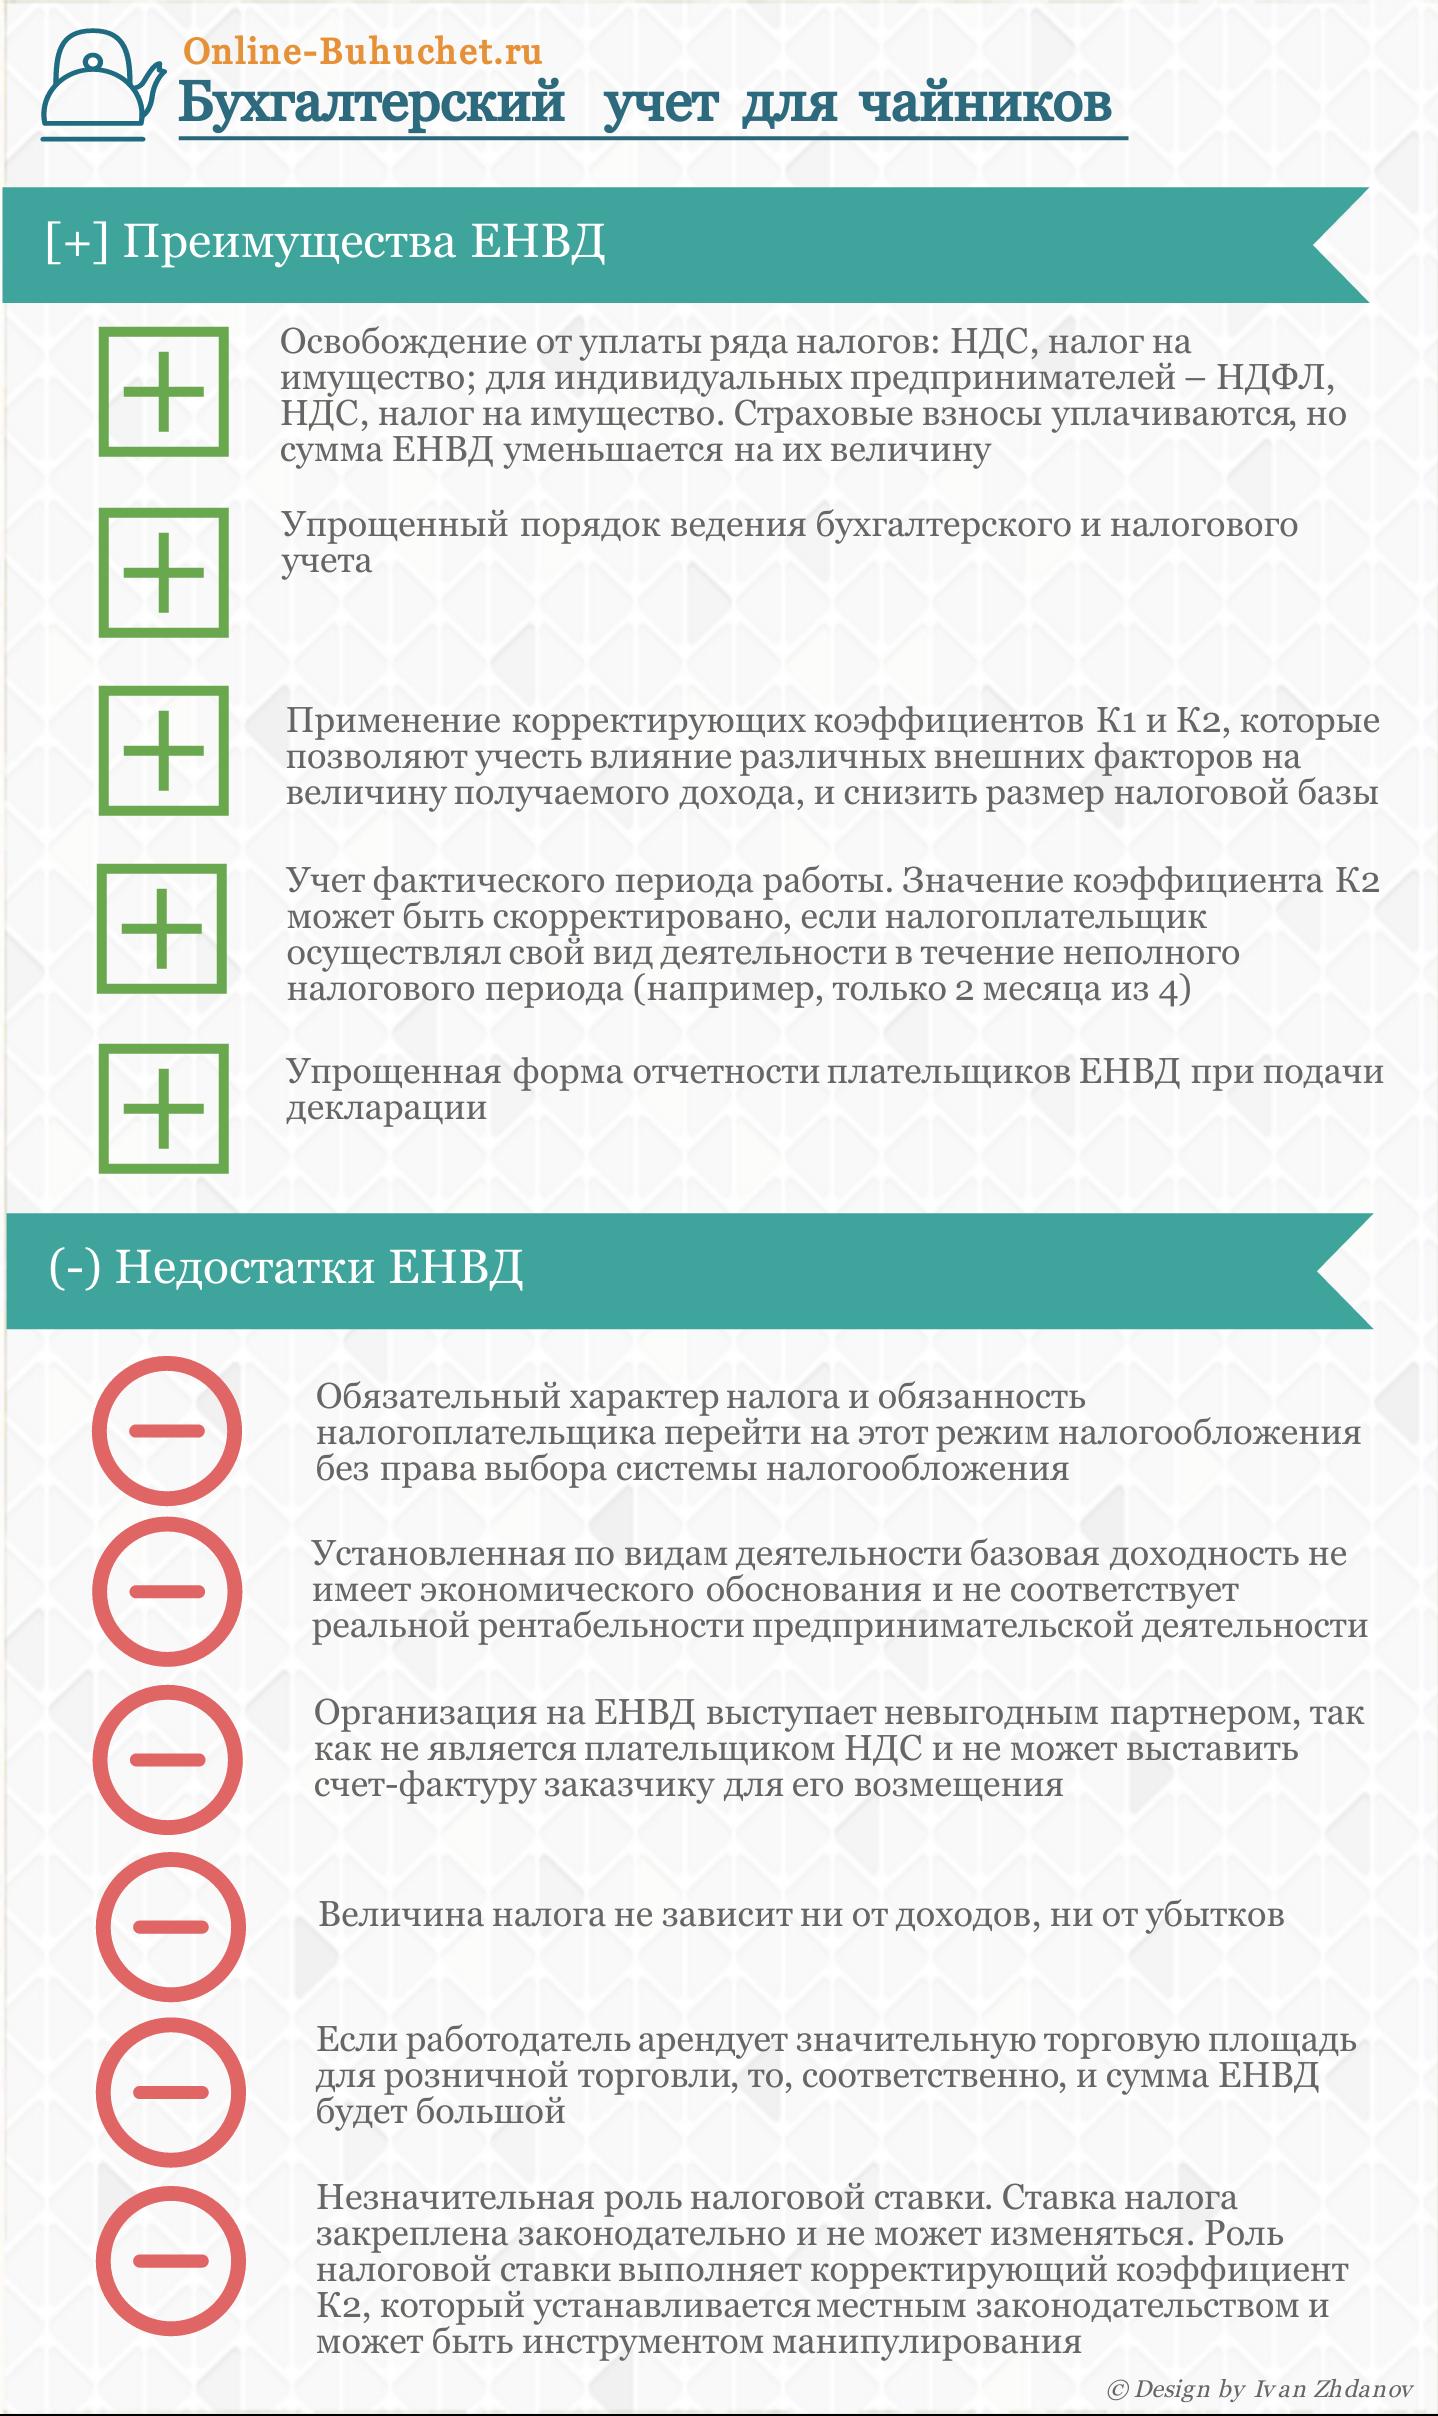 Плюсы и минусы спецрежима ЕНВД для организации